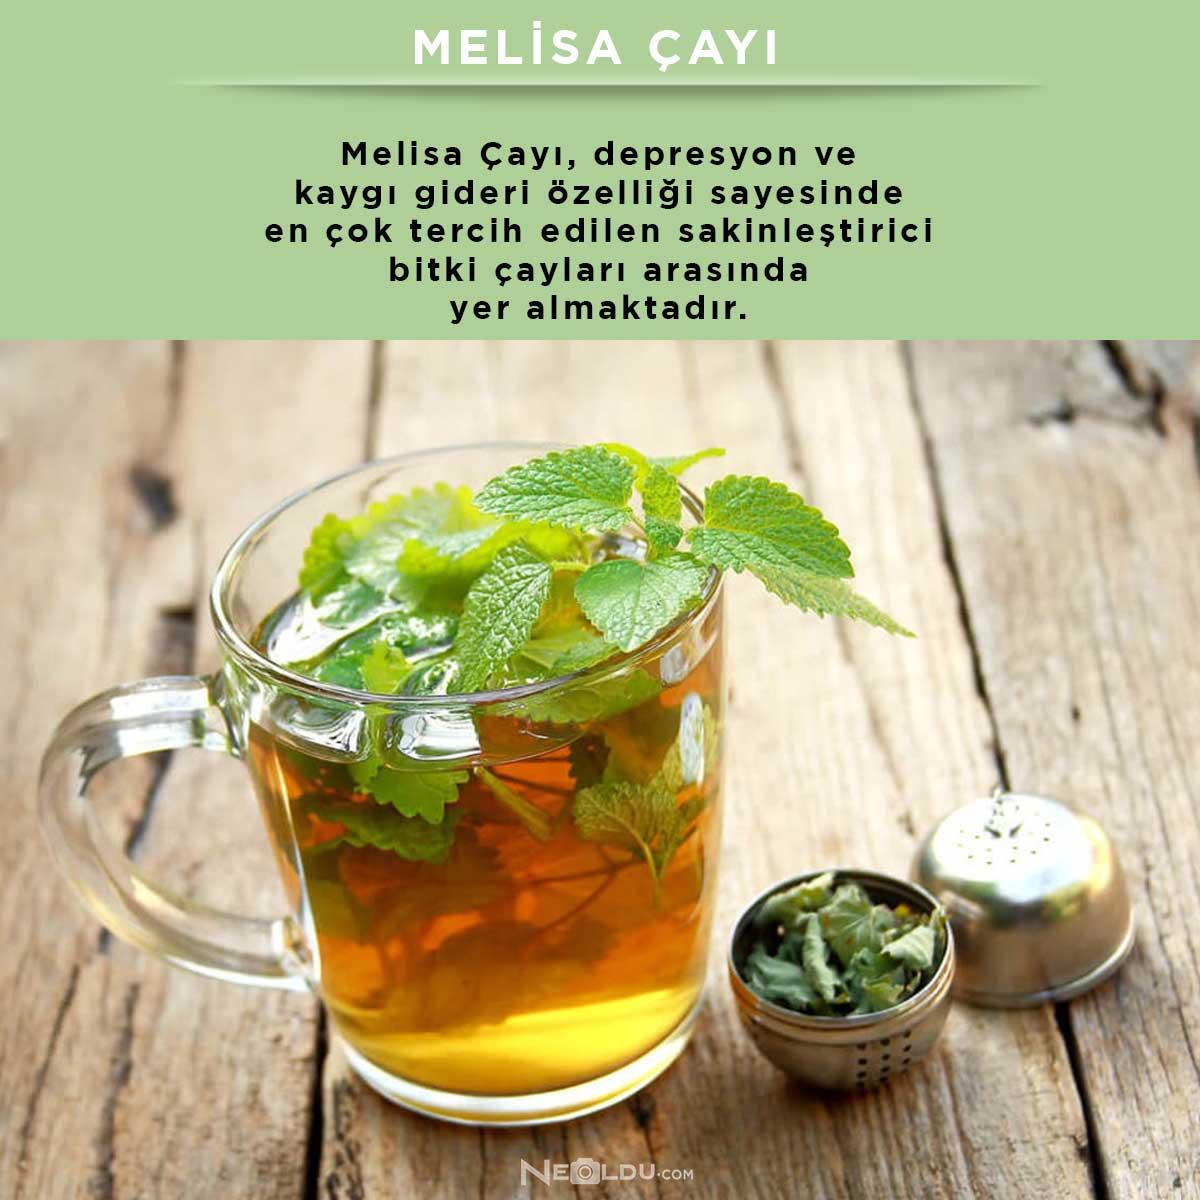 Rahatlatıcı Etkiye Sahip Bitki Çayları